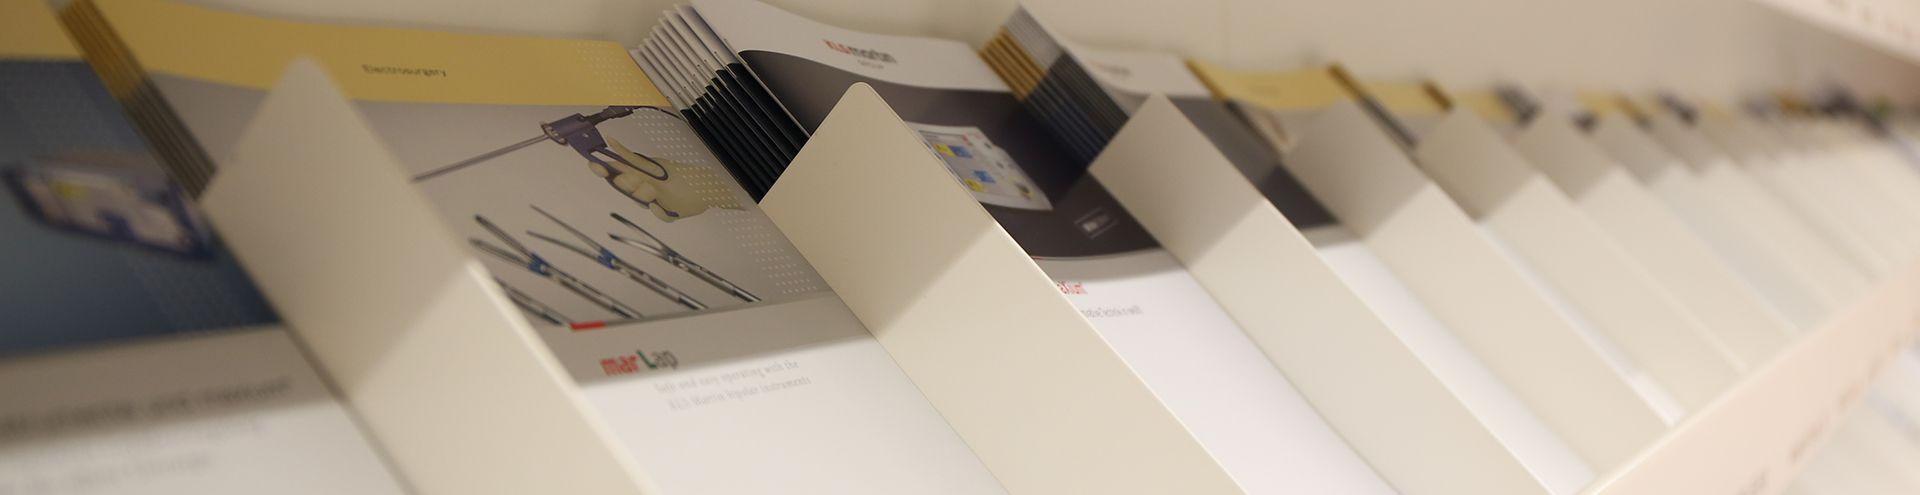 Broschüren, Kataloge und Flyer